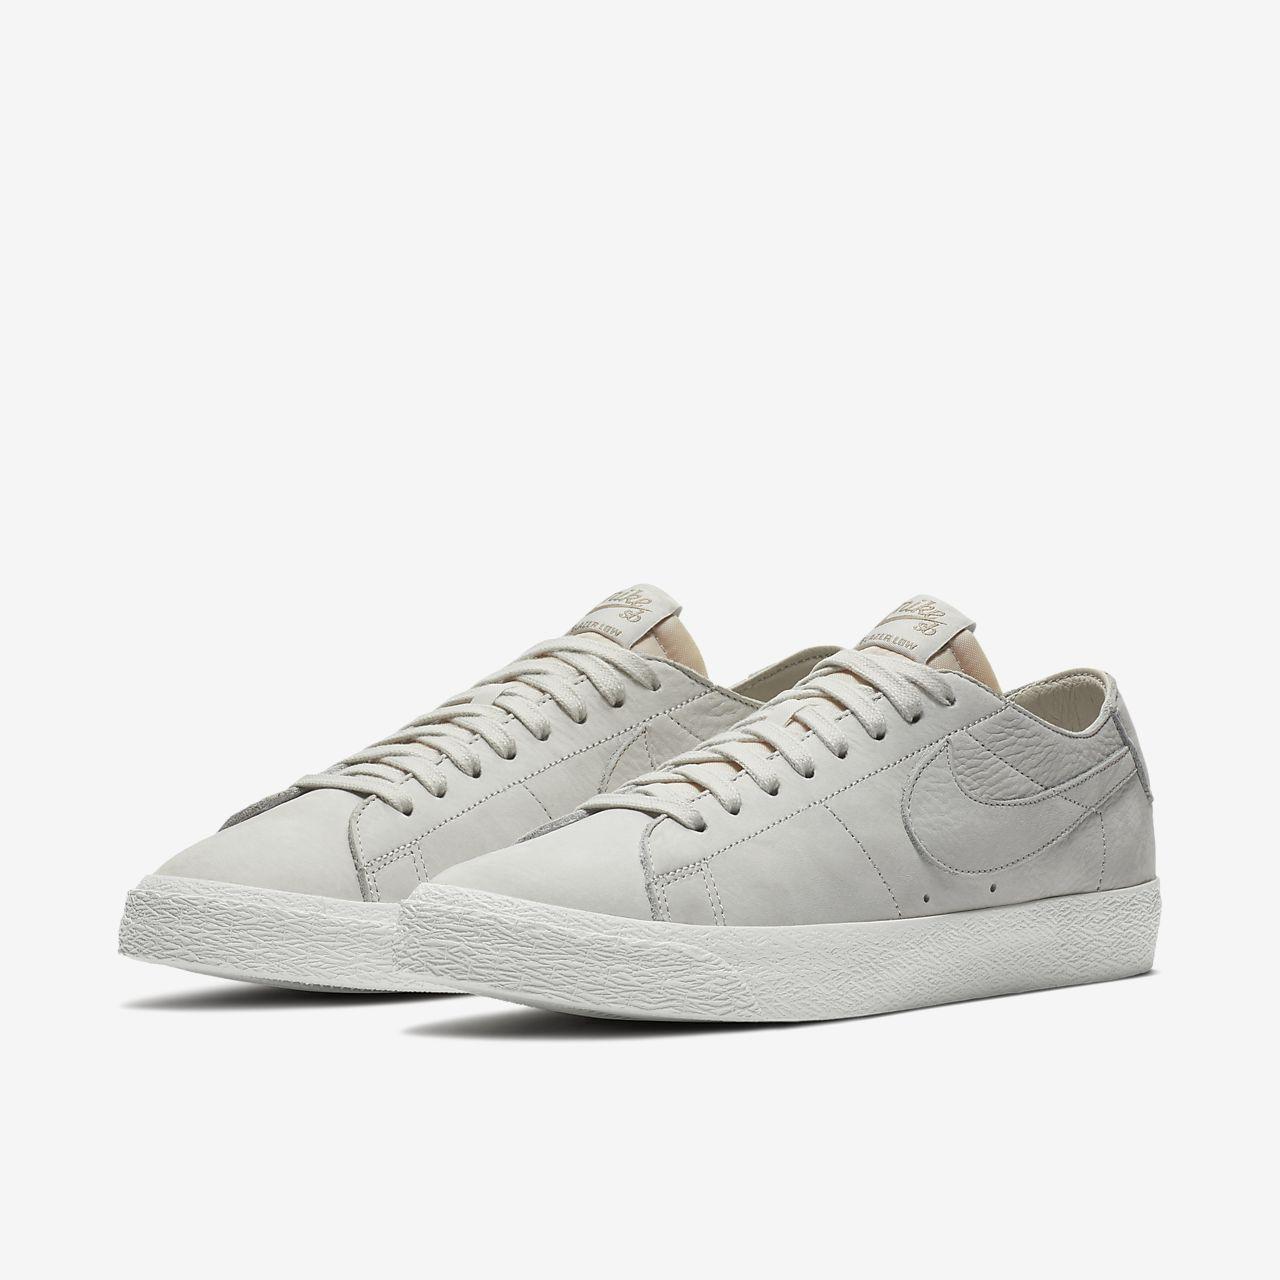 Nike Dunk Sb Zoom Chaussures Basses Pro Déconstruites Pour Les Équipages négligez dernières collections Parcourir pas cher images de sortie uBdsvHLfbb